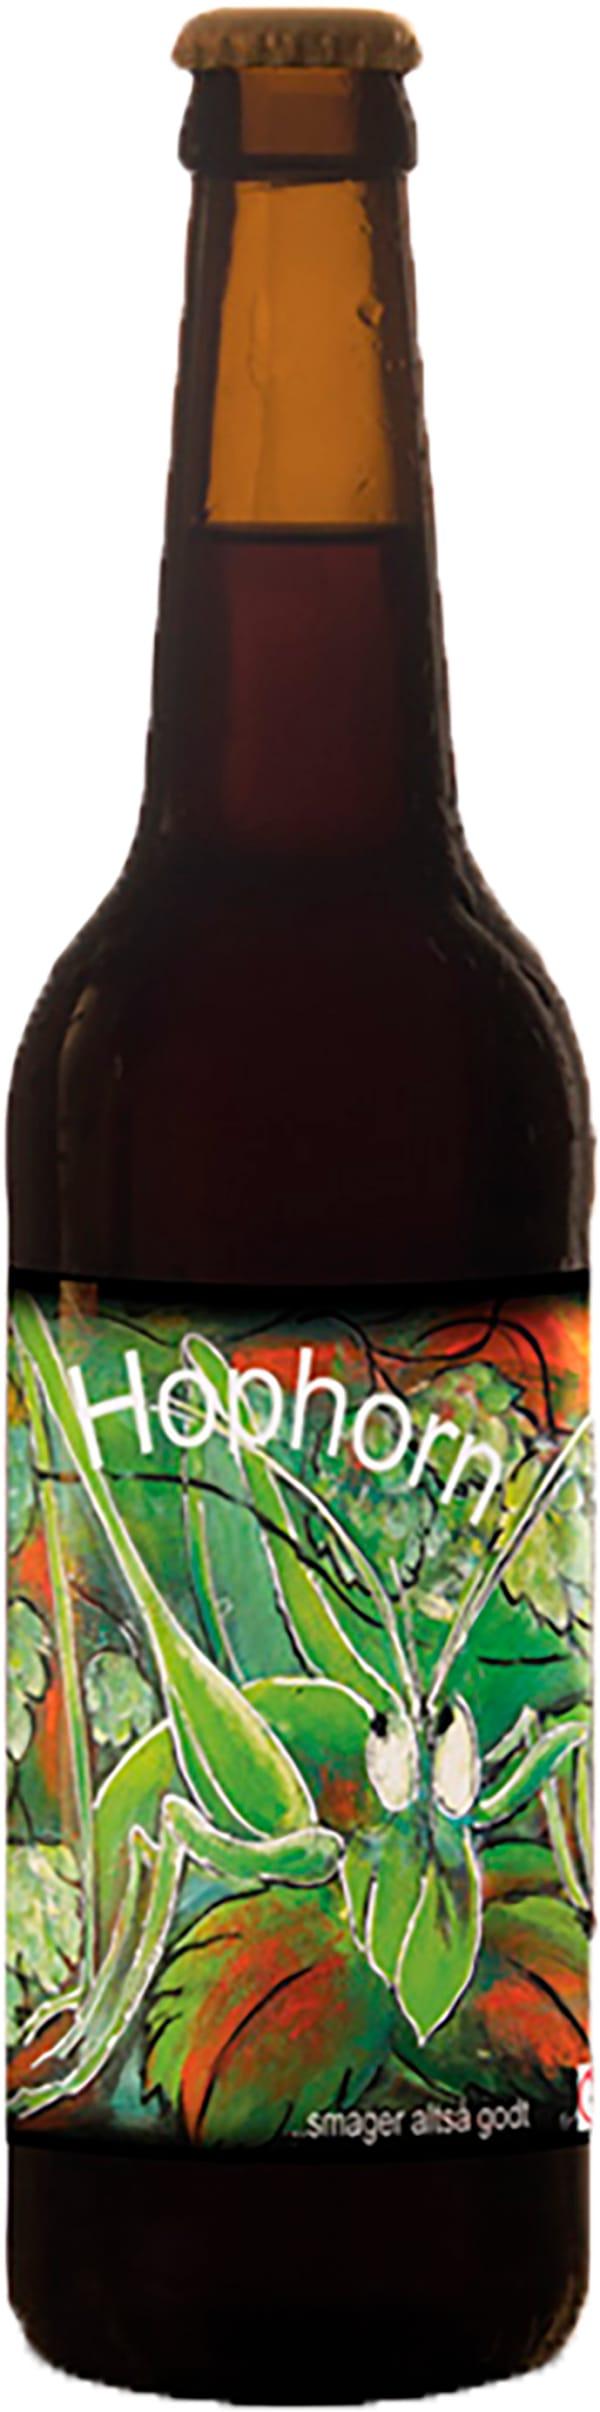 Hornbeer Hophorn